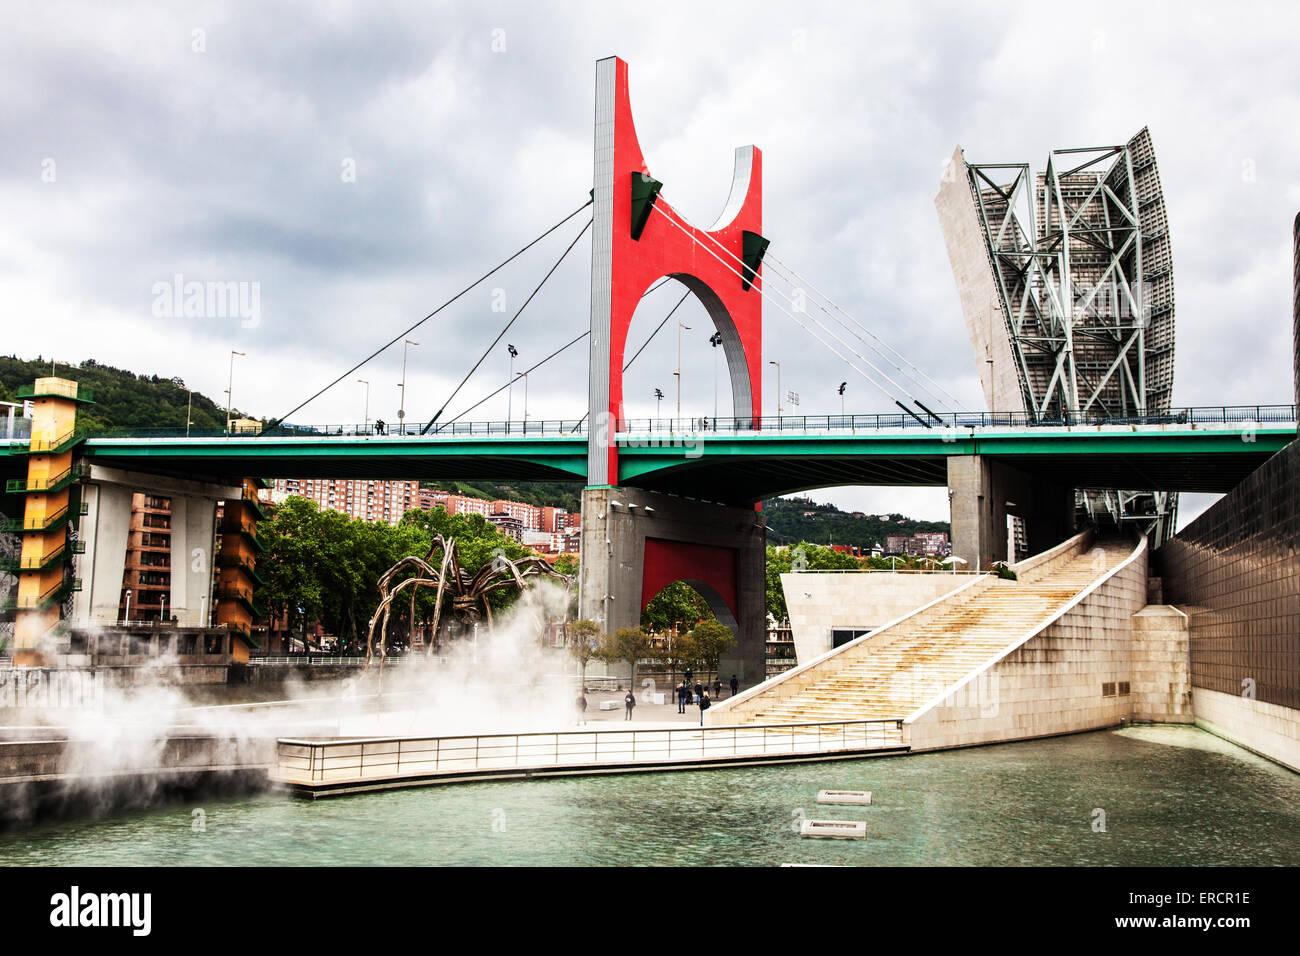 Puerta Principes de Espana bridge, Bilbao - Stock Image